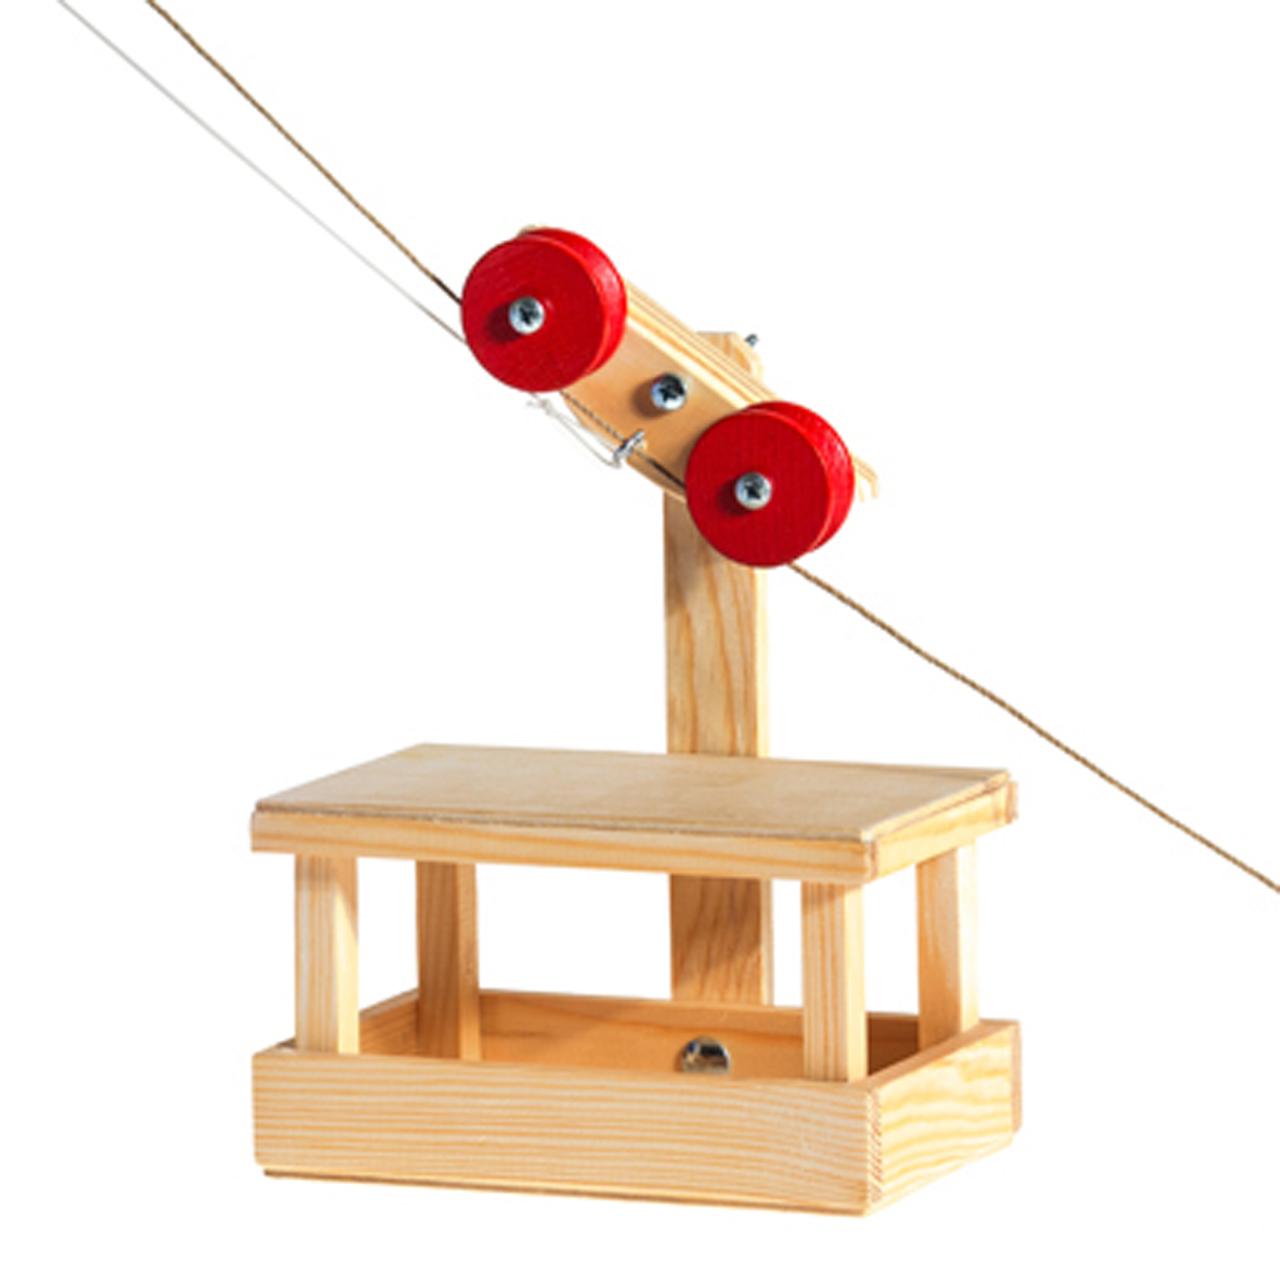 BAJO ökologisches Holzspielzeug Schiebetier Hase - zuckerfrei | Kids Concept Store